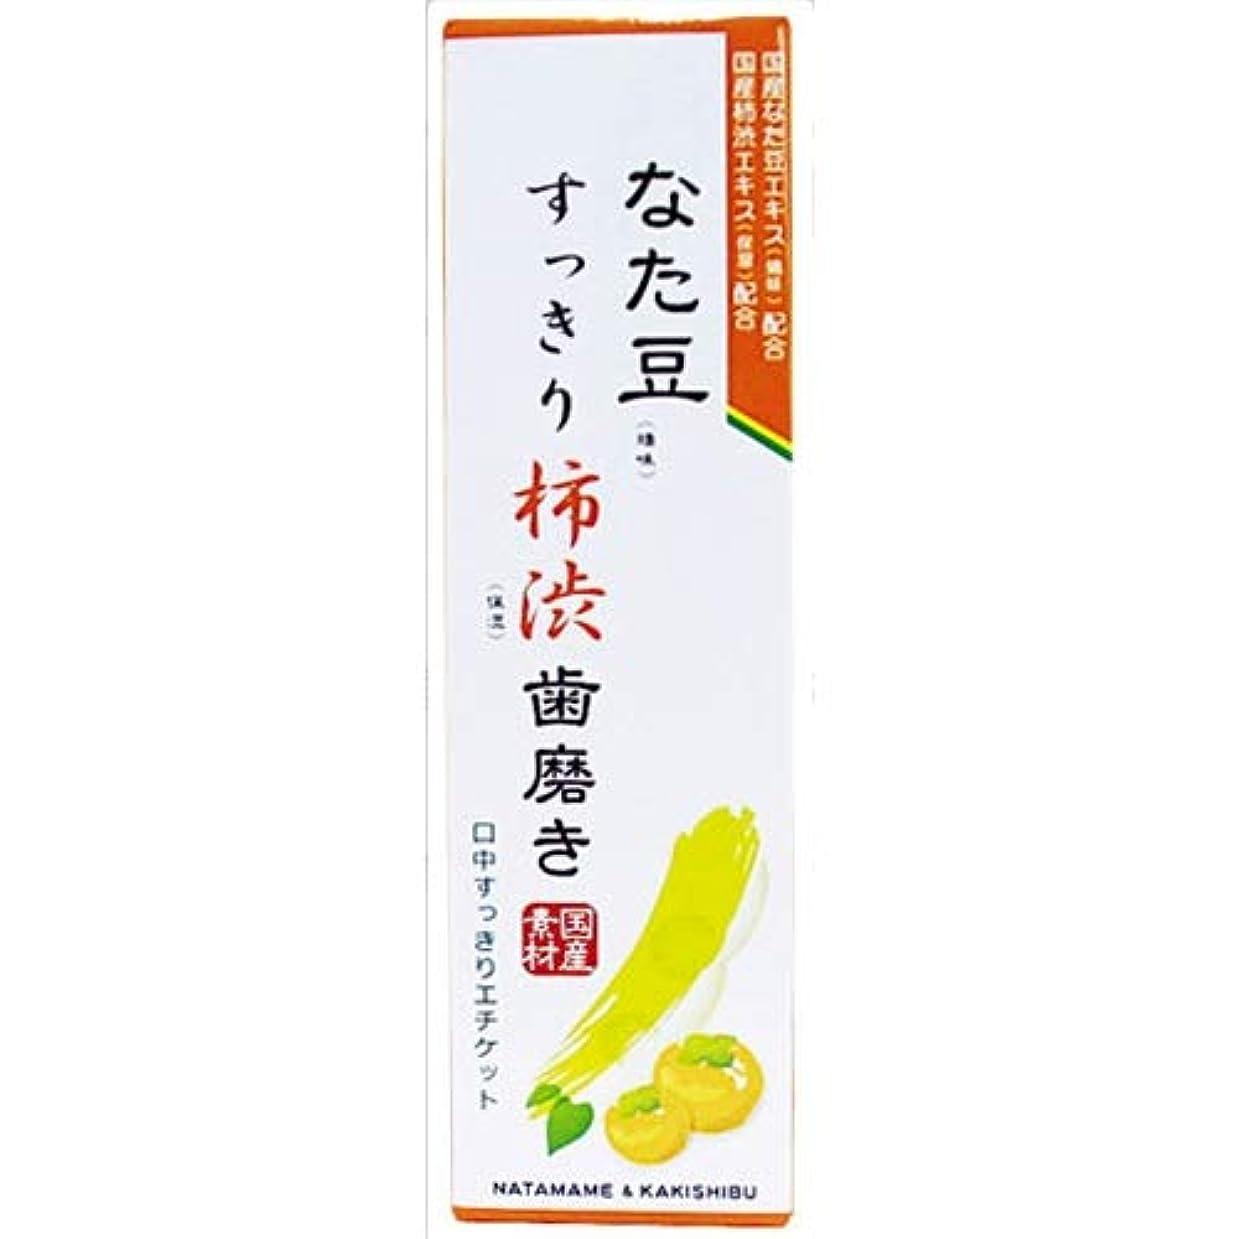 時期尚早損傷花輪なた豆(矯味)すっきり柿渋(保湿)歯磨き粉 × 16個セット